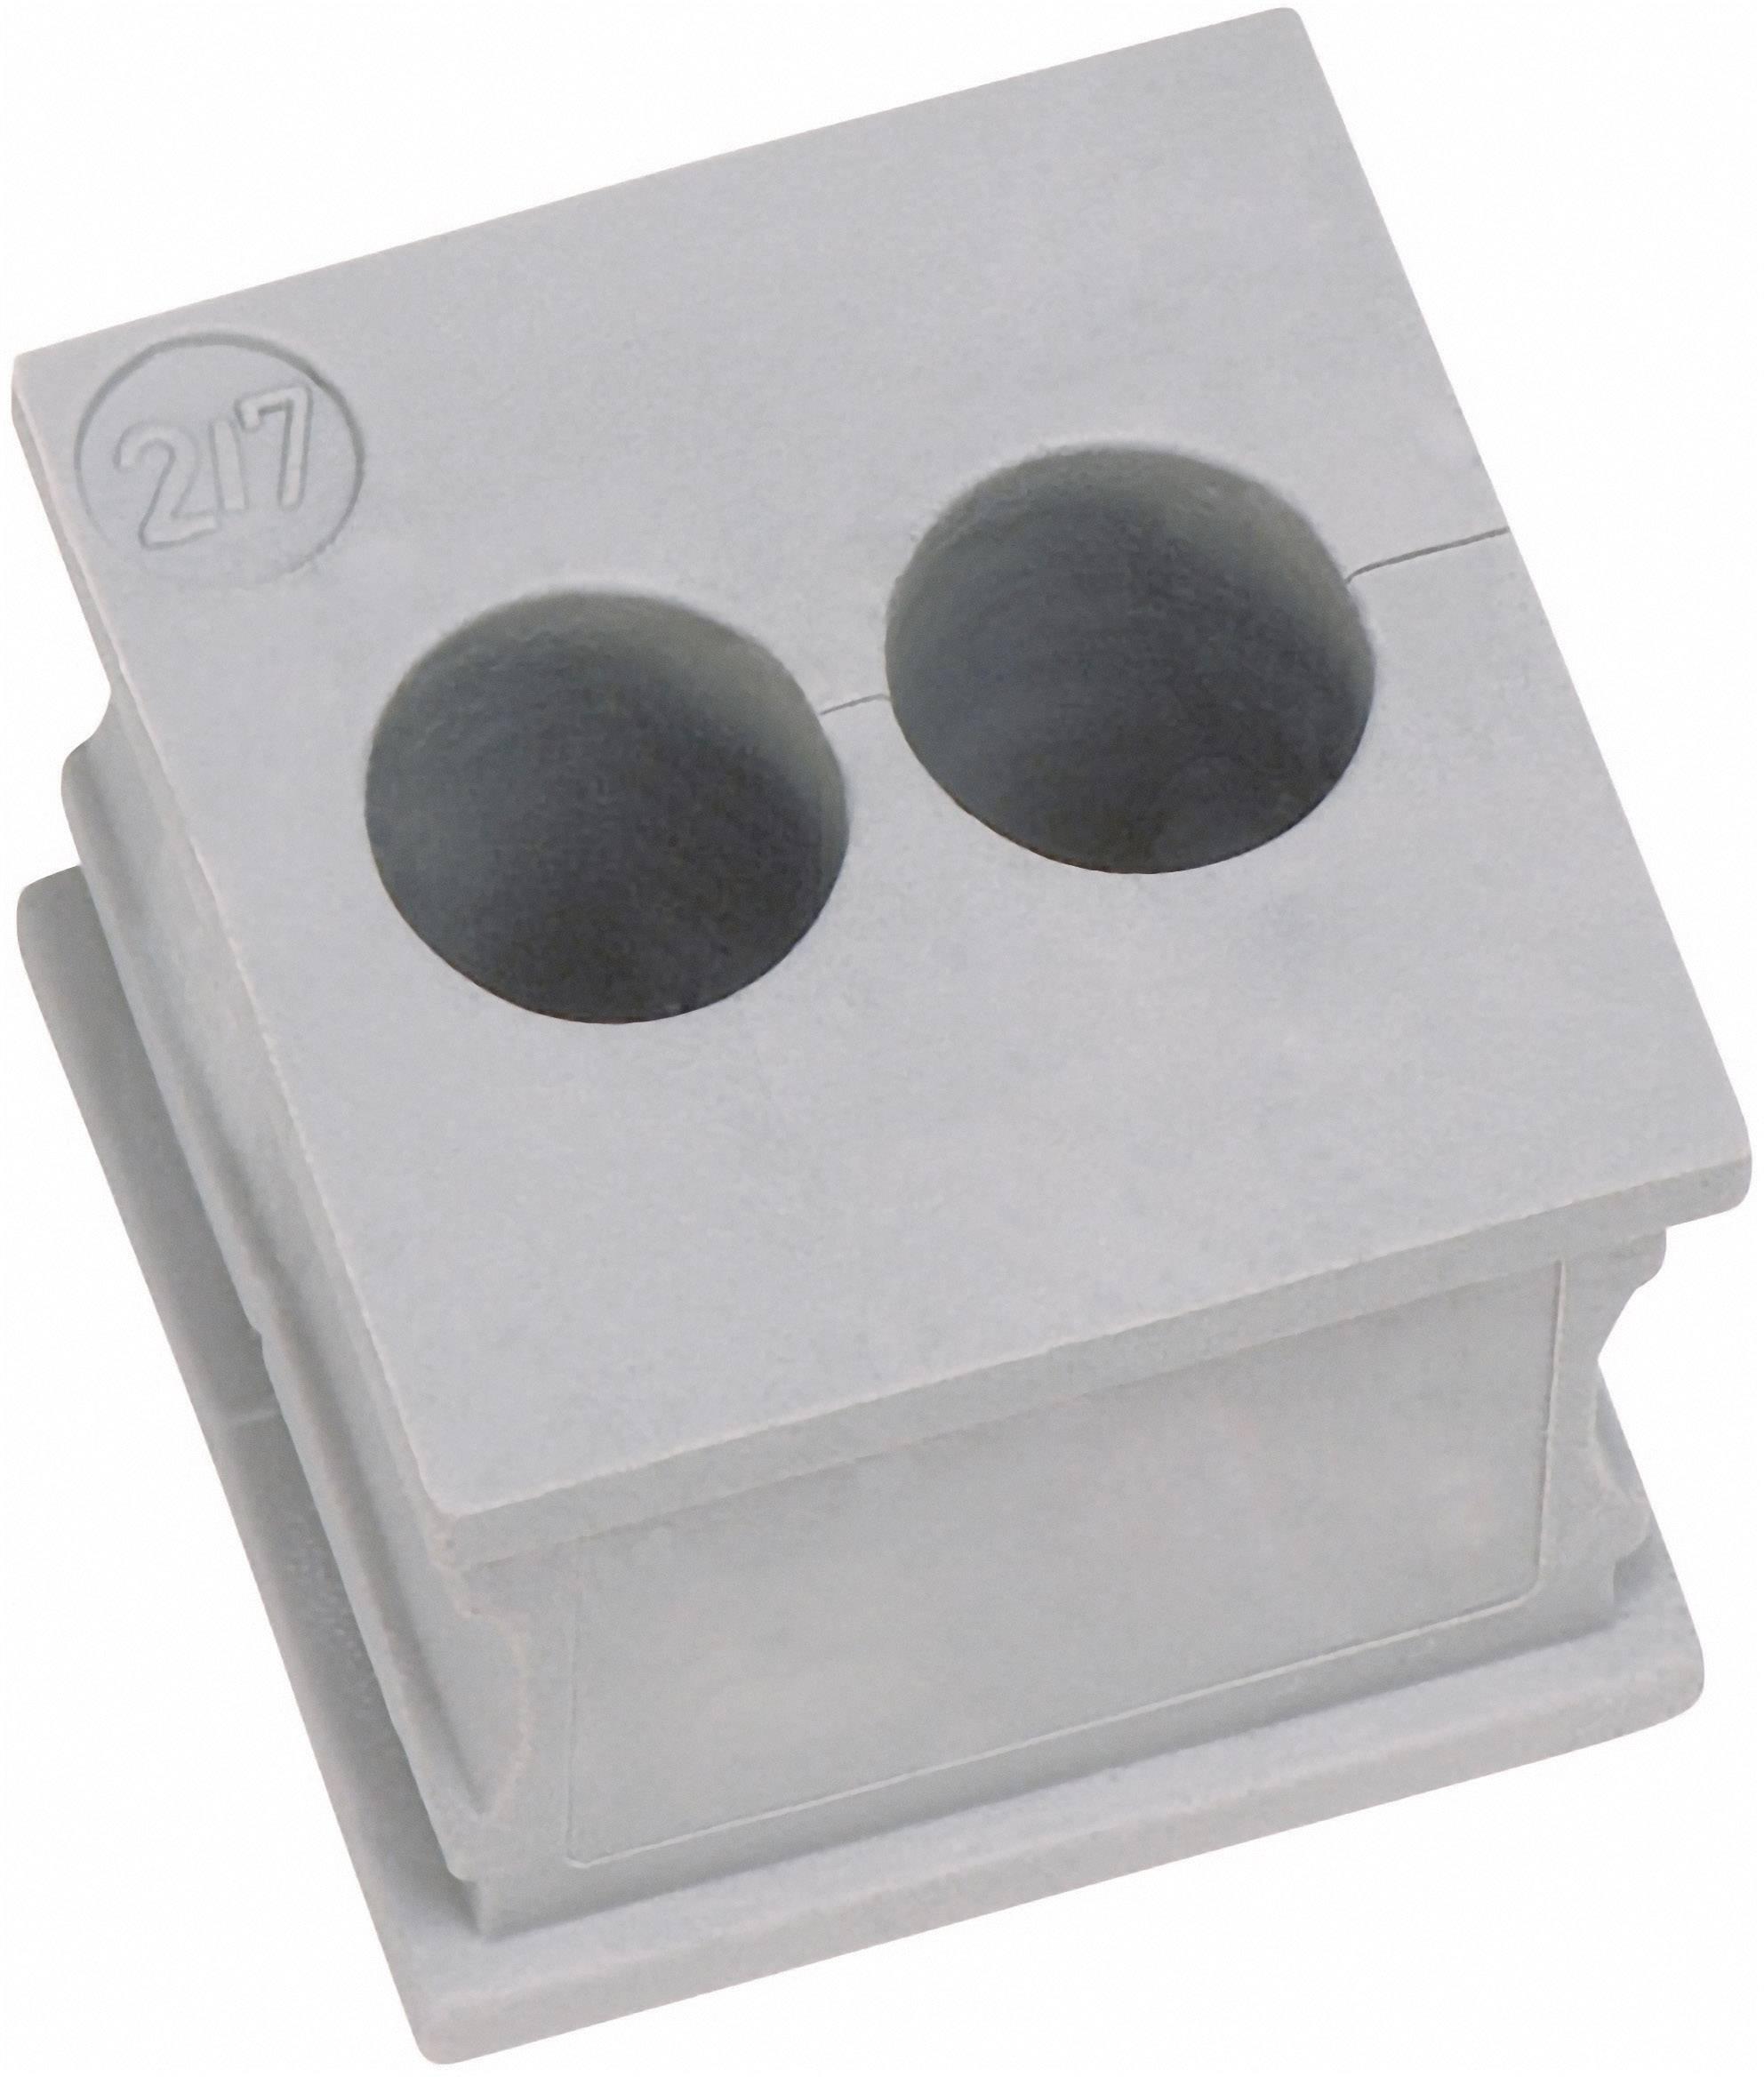 Icotek Kabelska kapa KT majhna, KT 2/5 za kabel- 2 x 5 mm, elastomer, siva